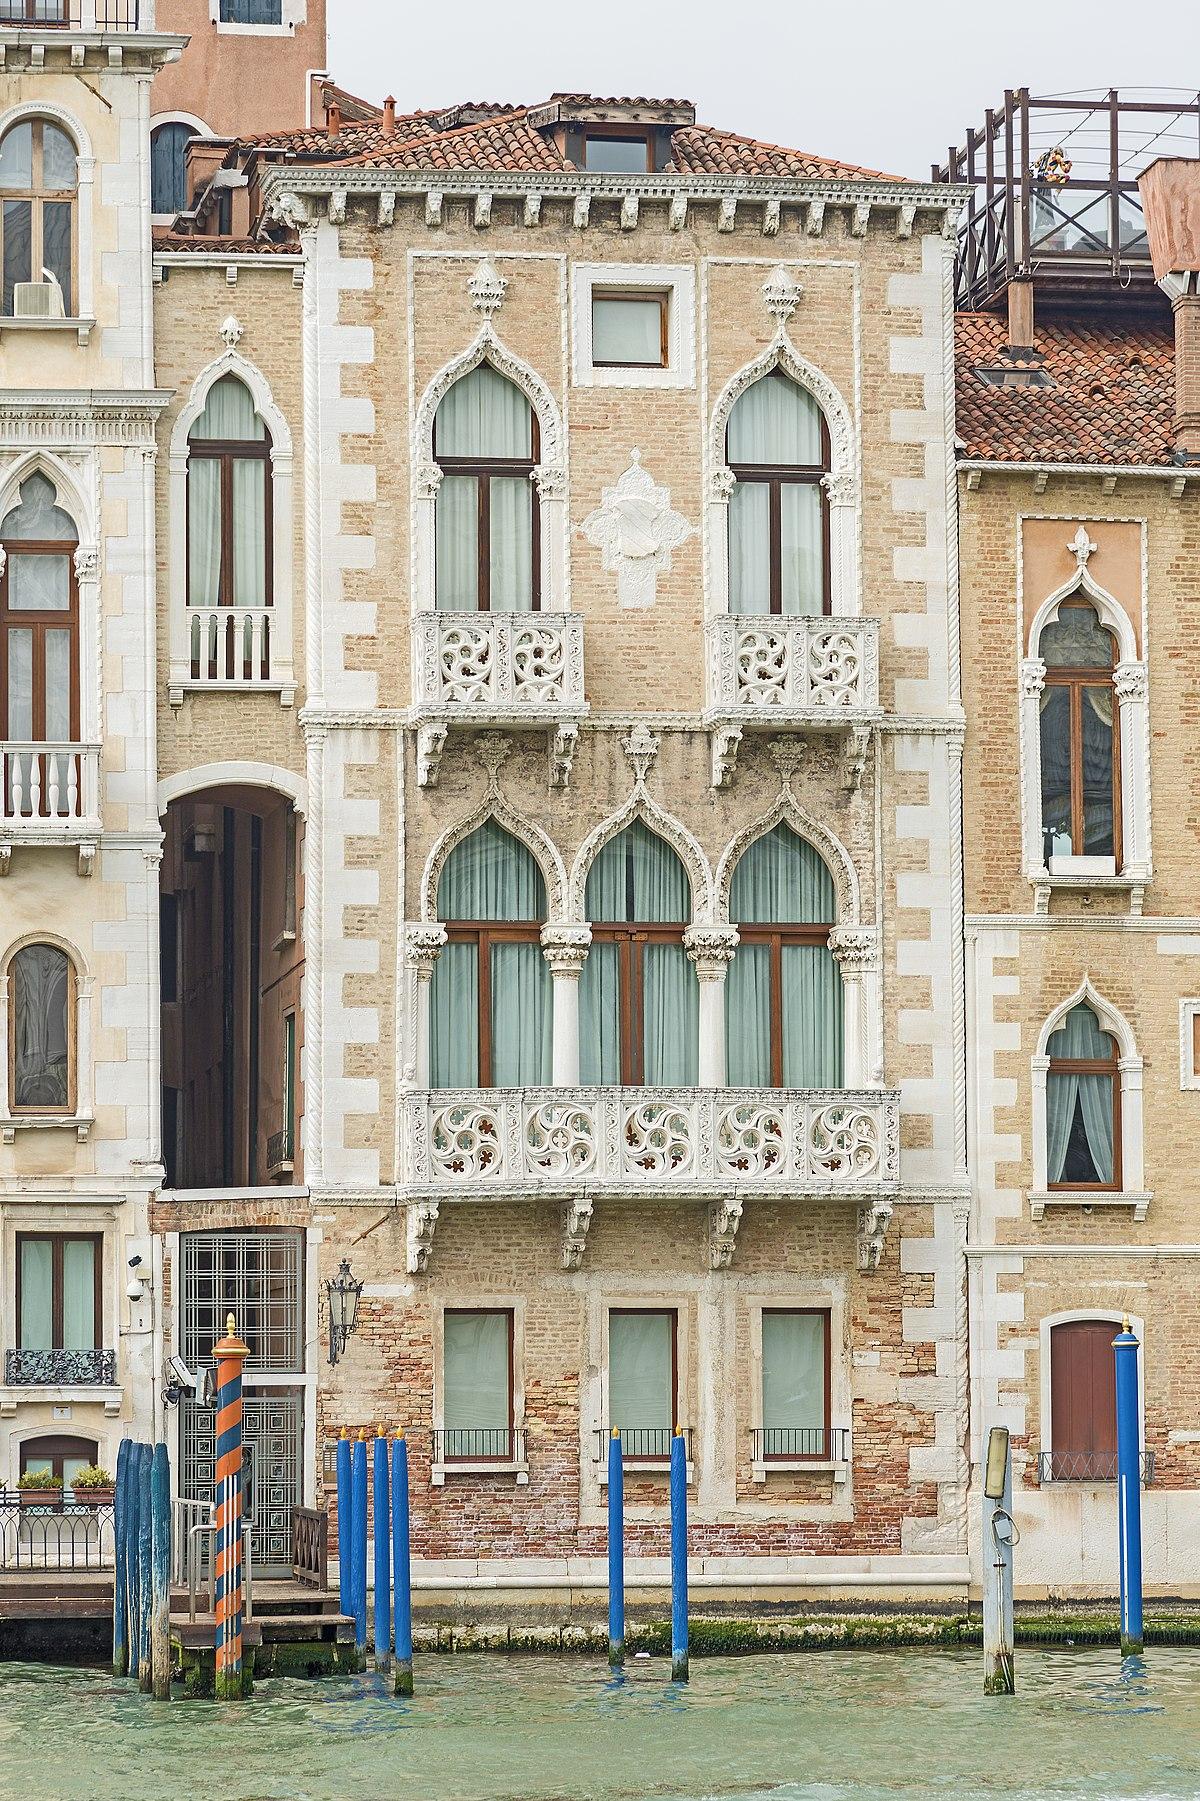 Palazzo contarini fasan wikipedia for Piani di palazzi contemporanei